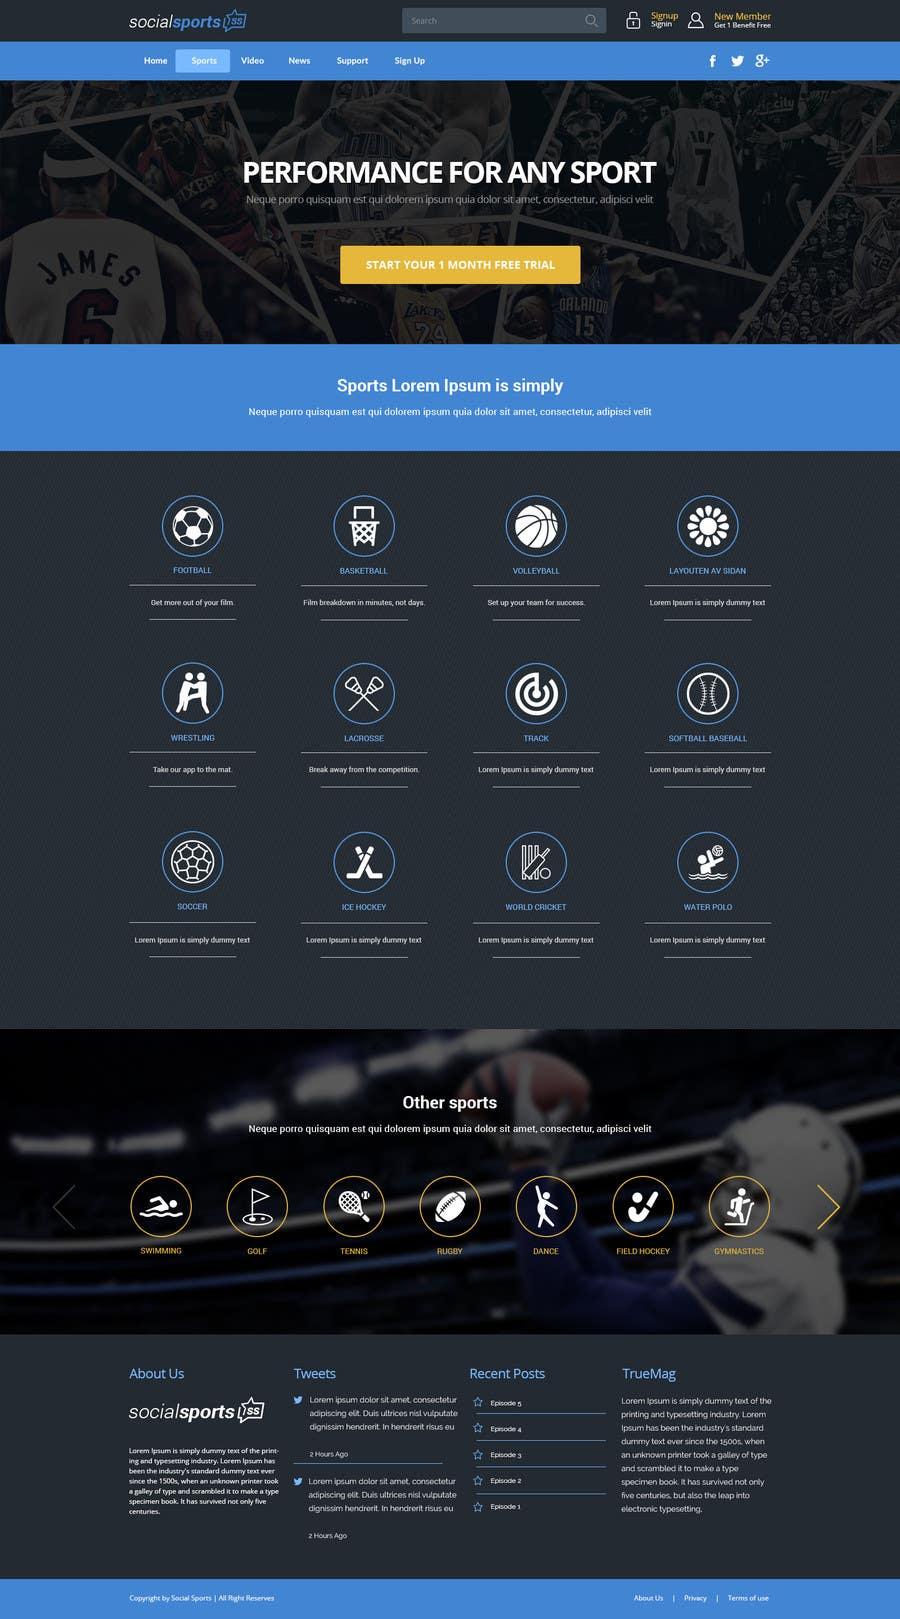 Konkurrenceindlæg #                                        7                                      for                                         Design a Website for Sports Skills Video Uploading Site